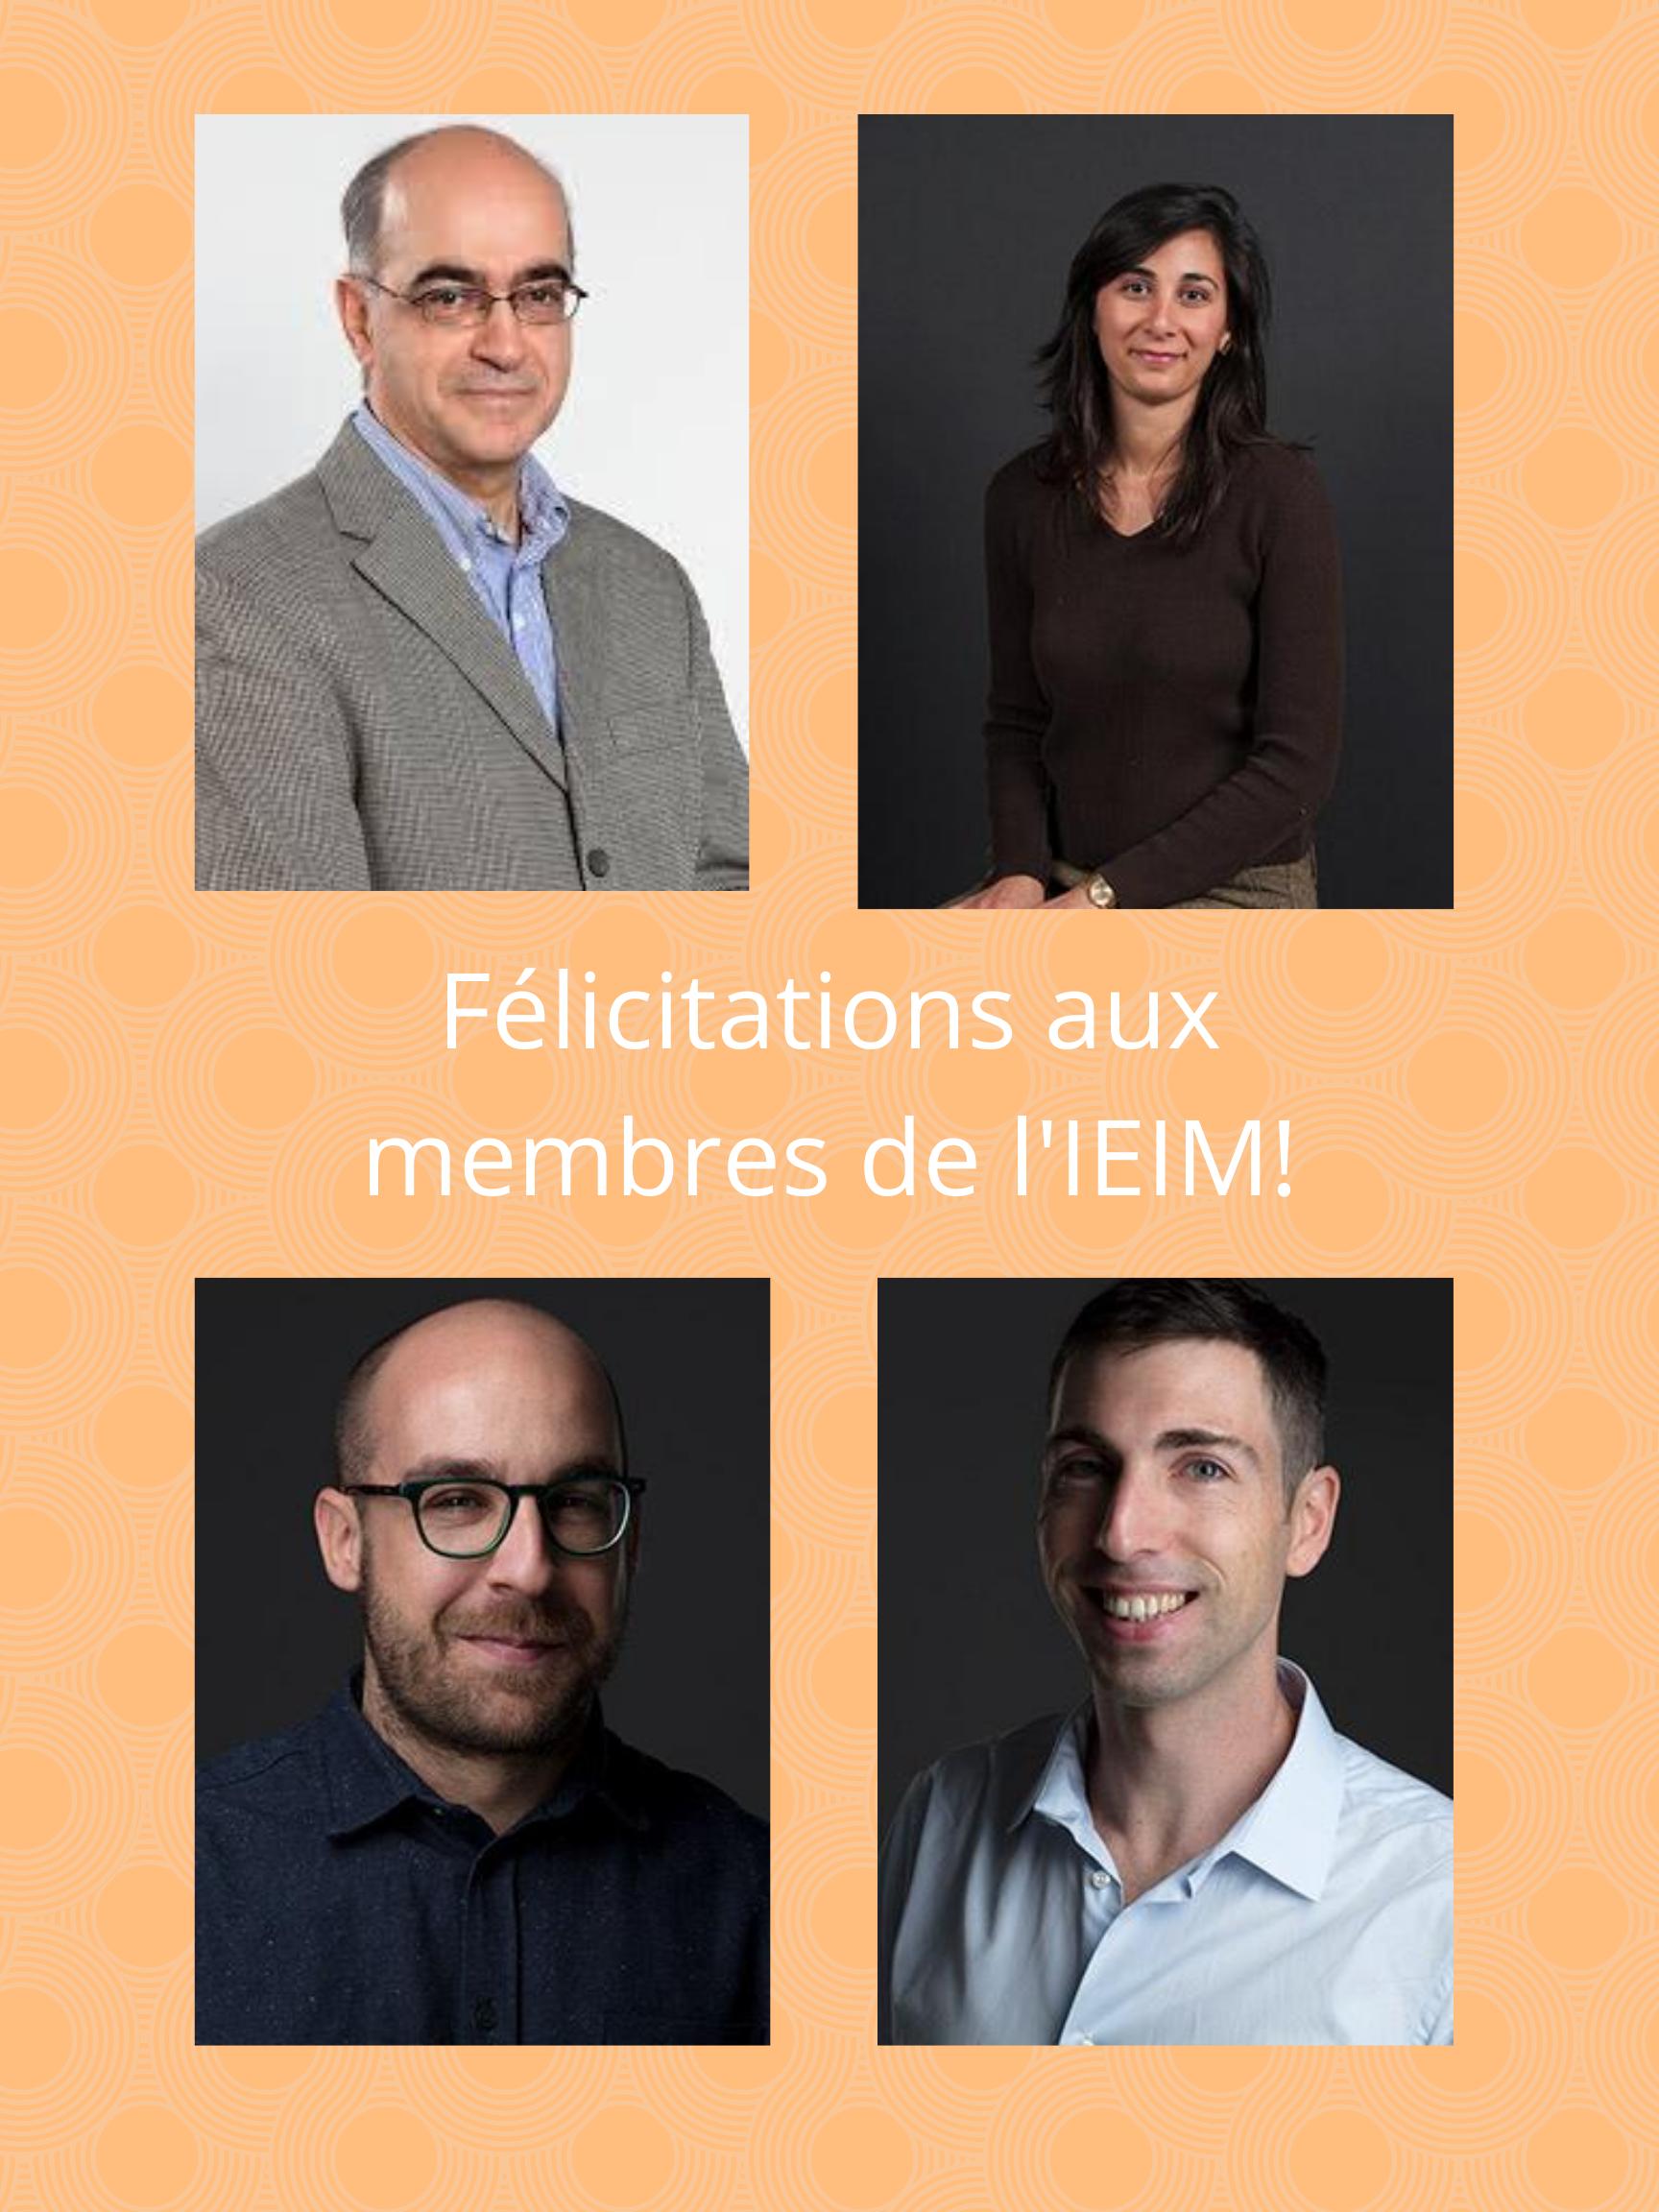 Félicitations aux membres de l'IEIM ayant reçu une distinction et du financement pour leurs recherches!